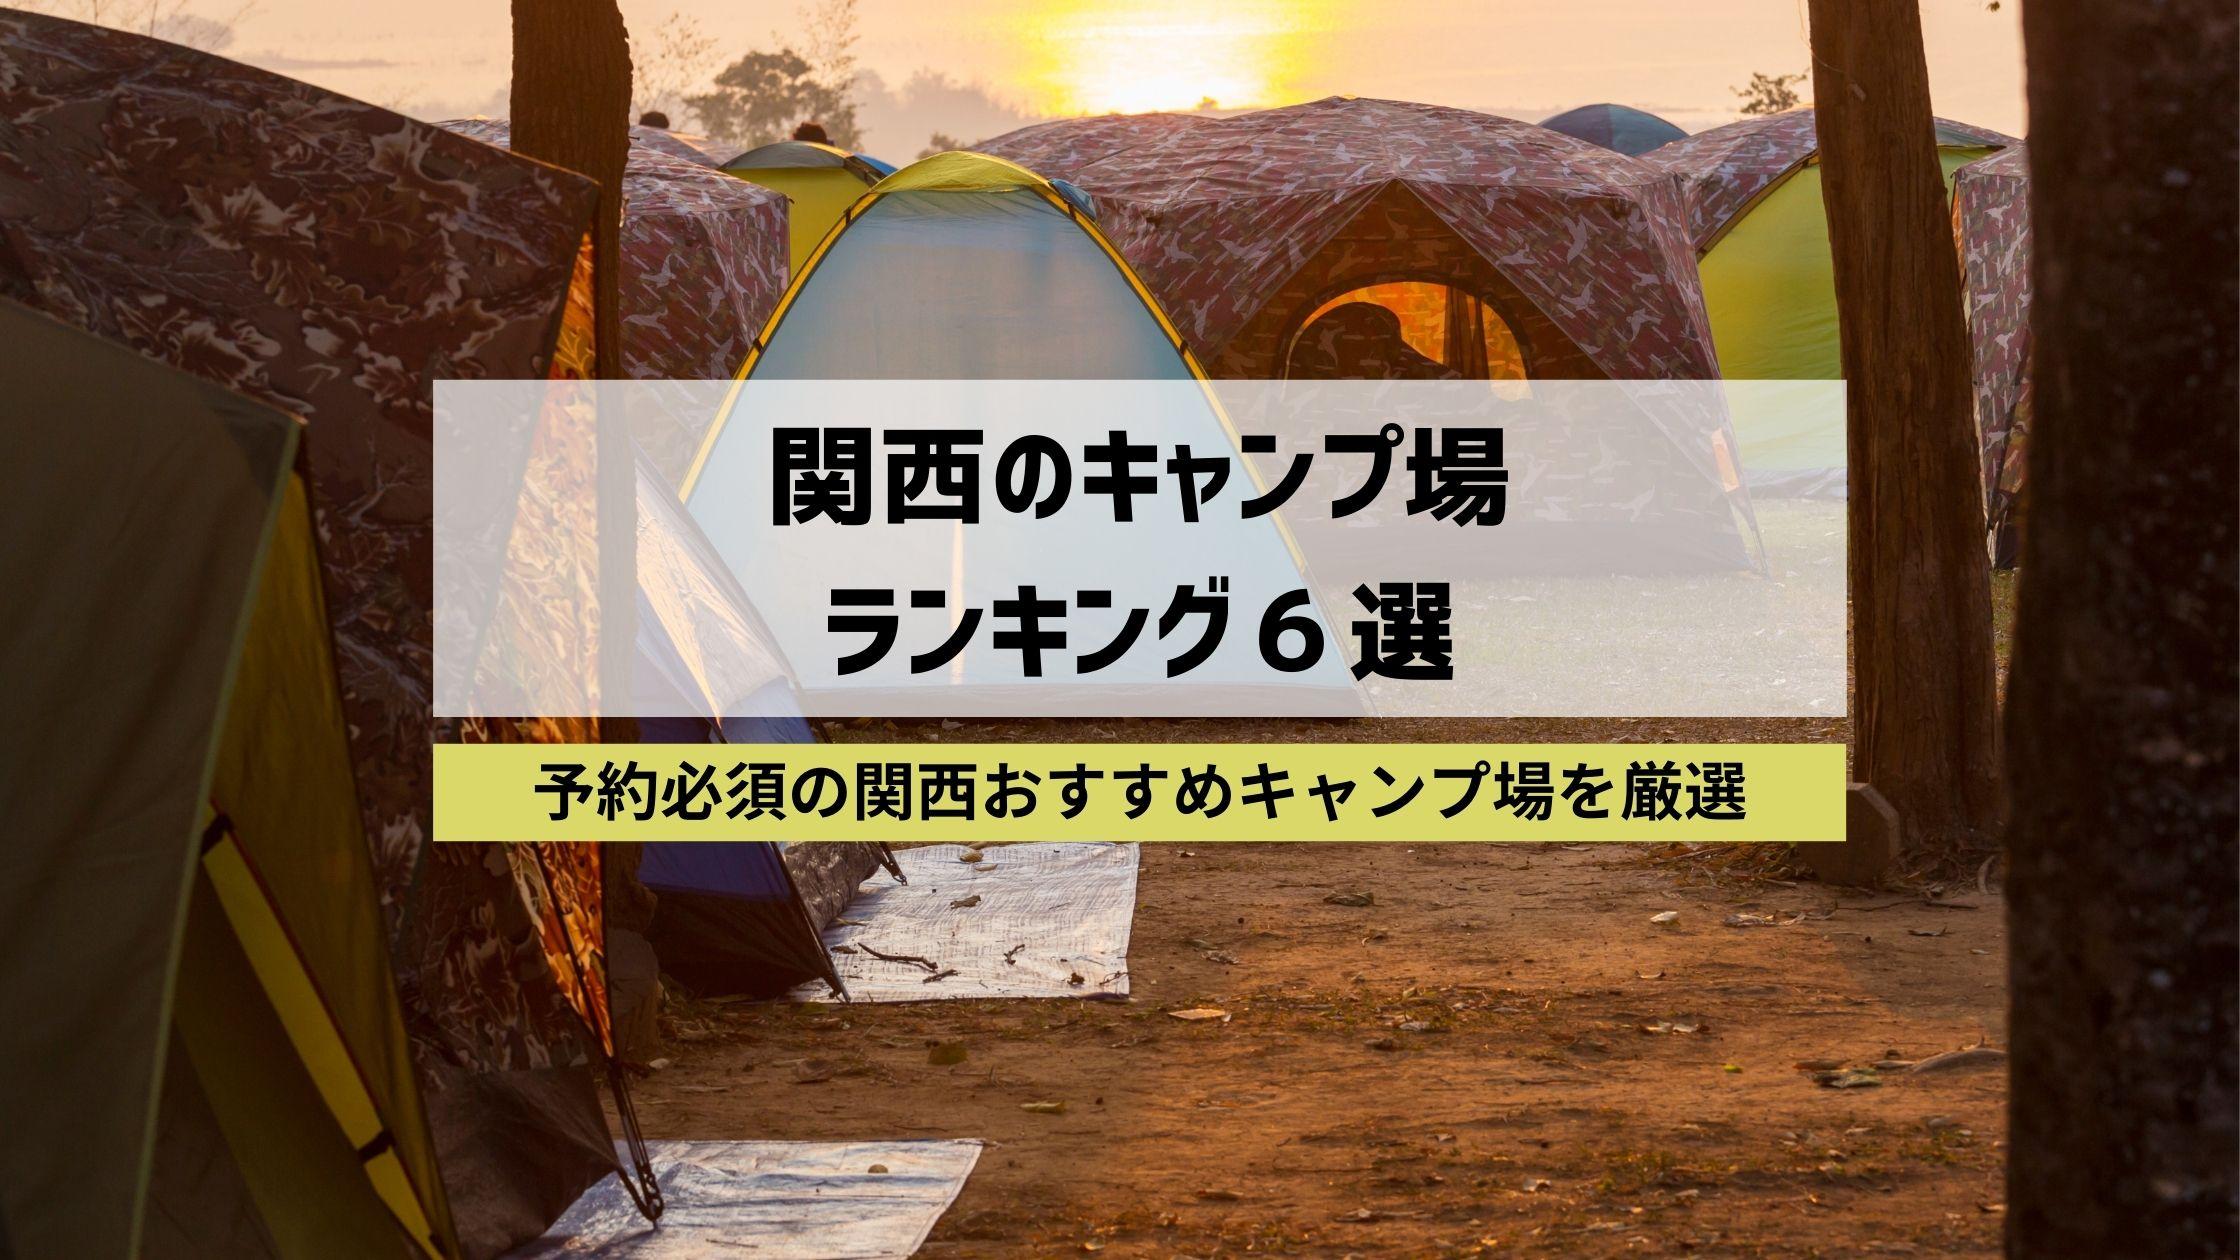 デメリット 厳選 キャンプ サイト